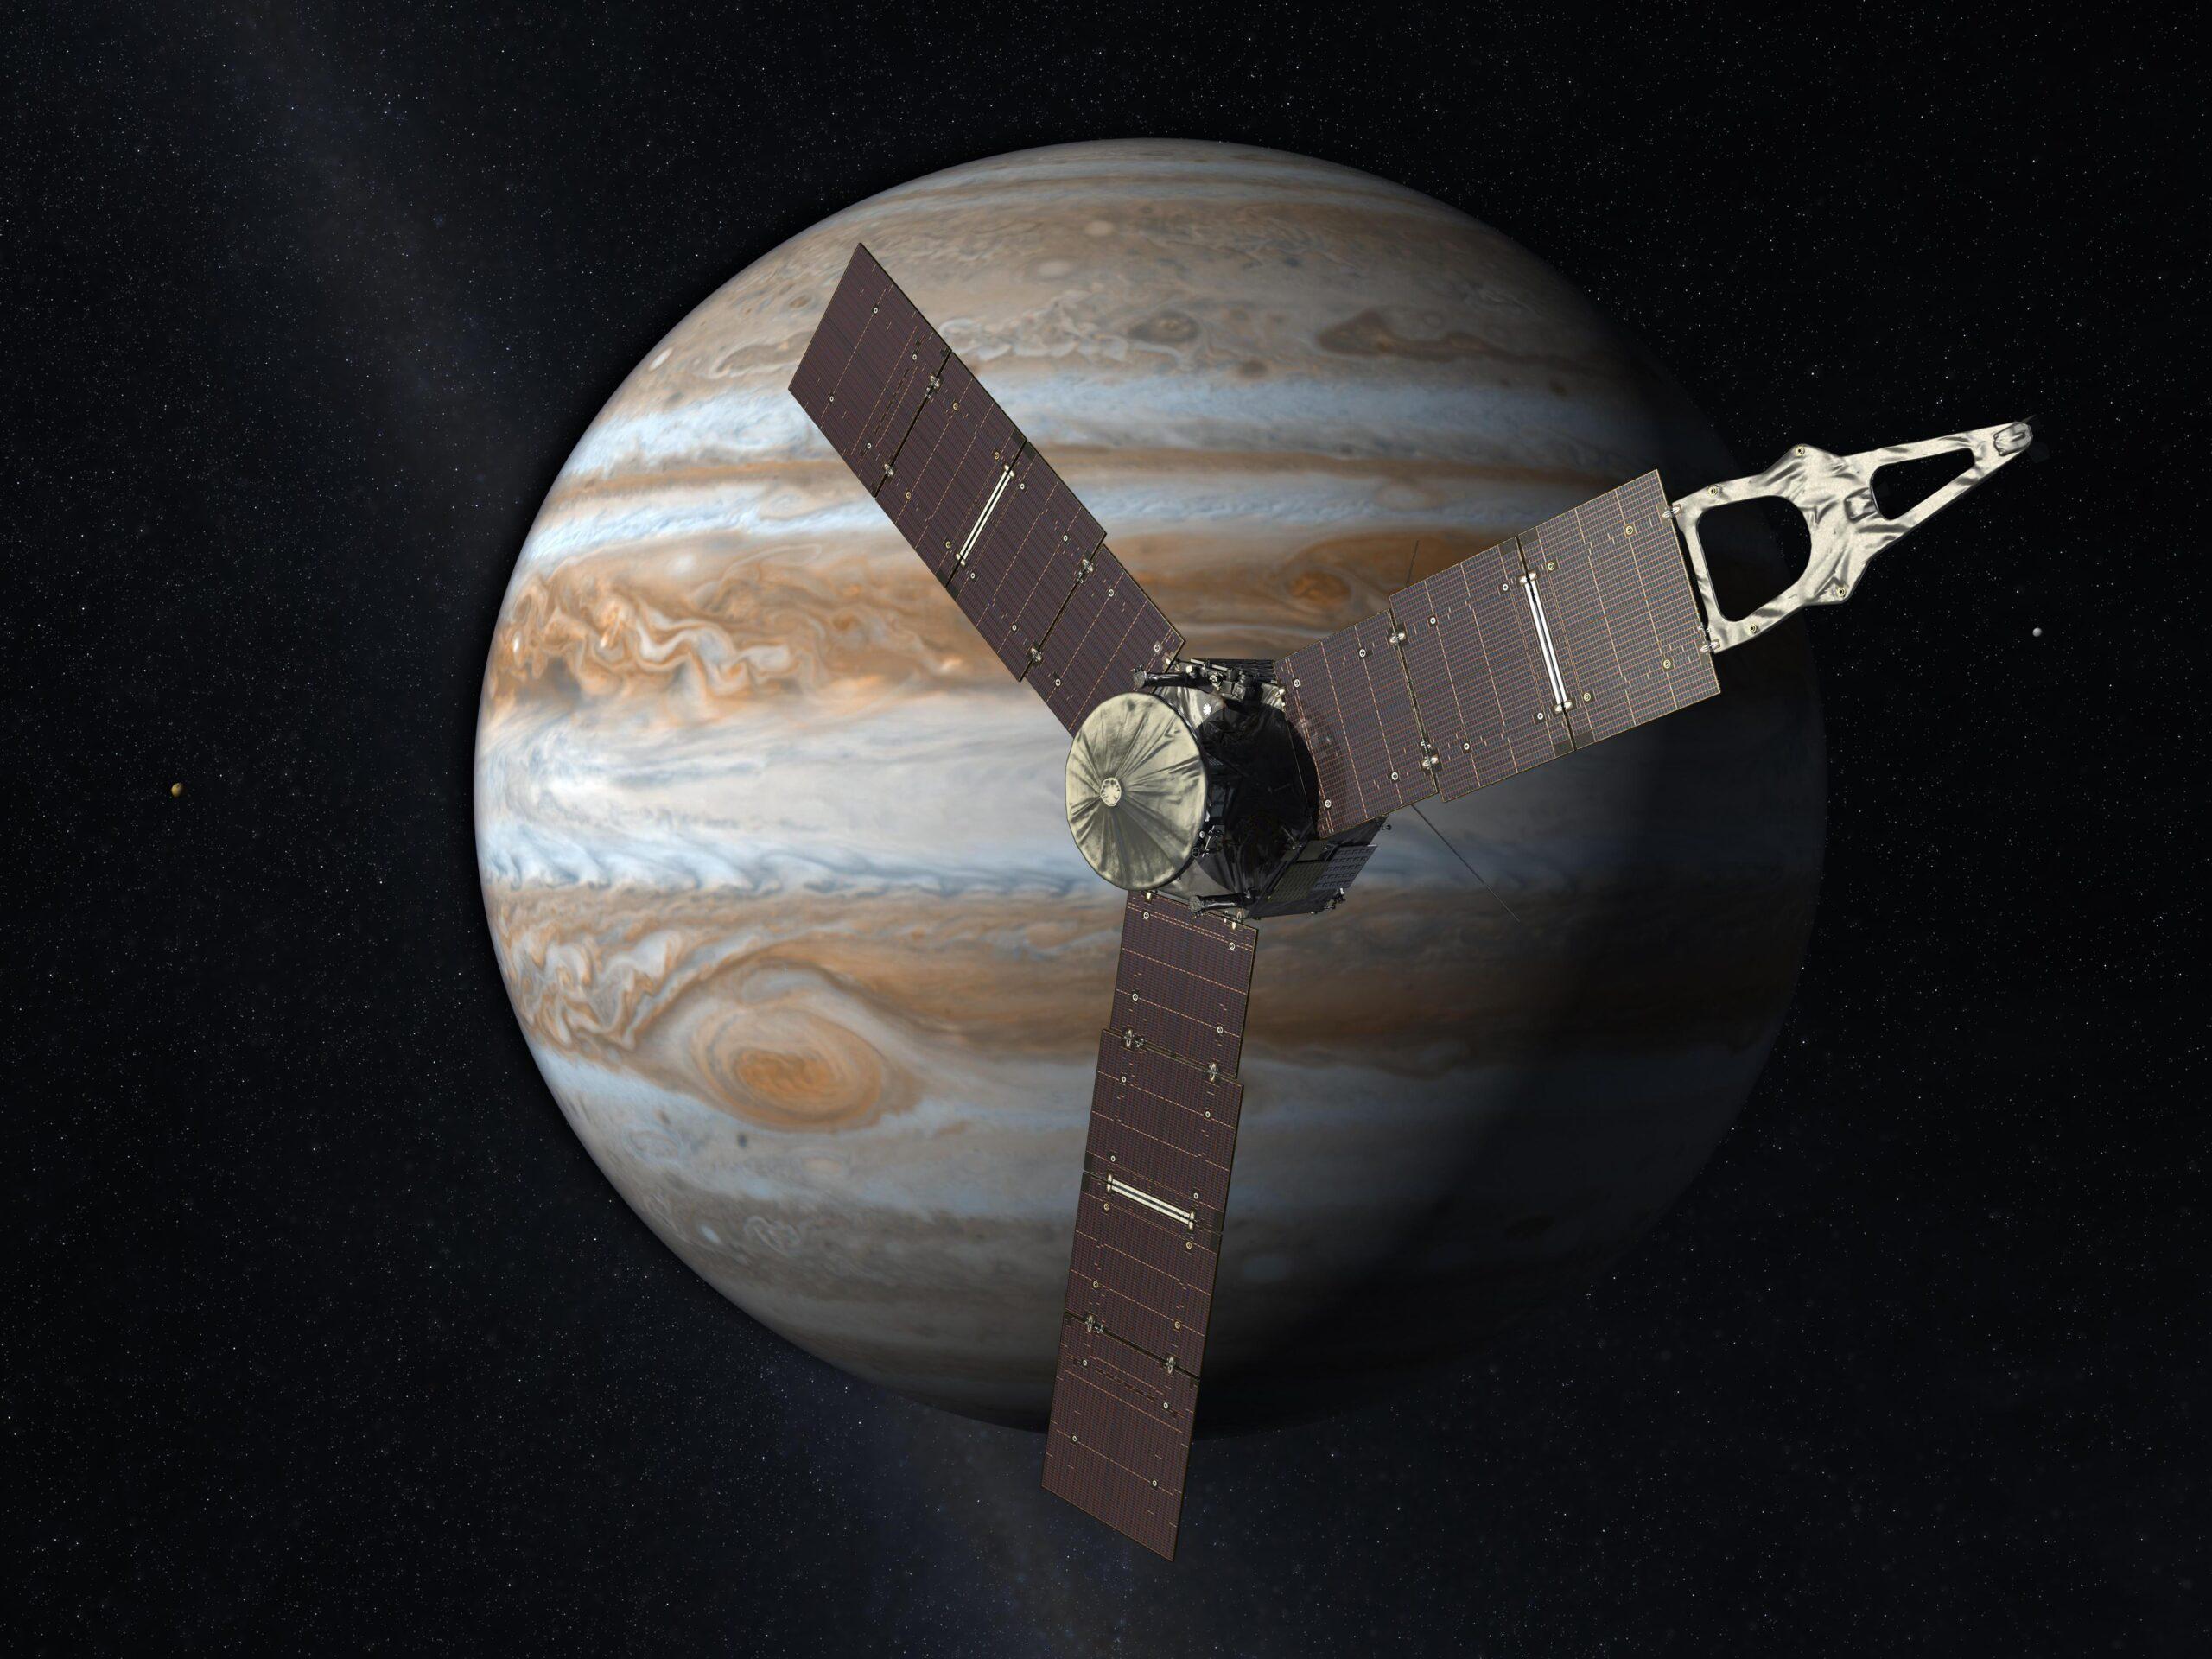 Sonda spaziale Juno in orbita attorno a Giove